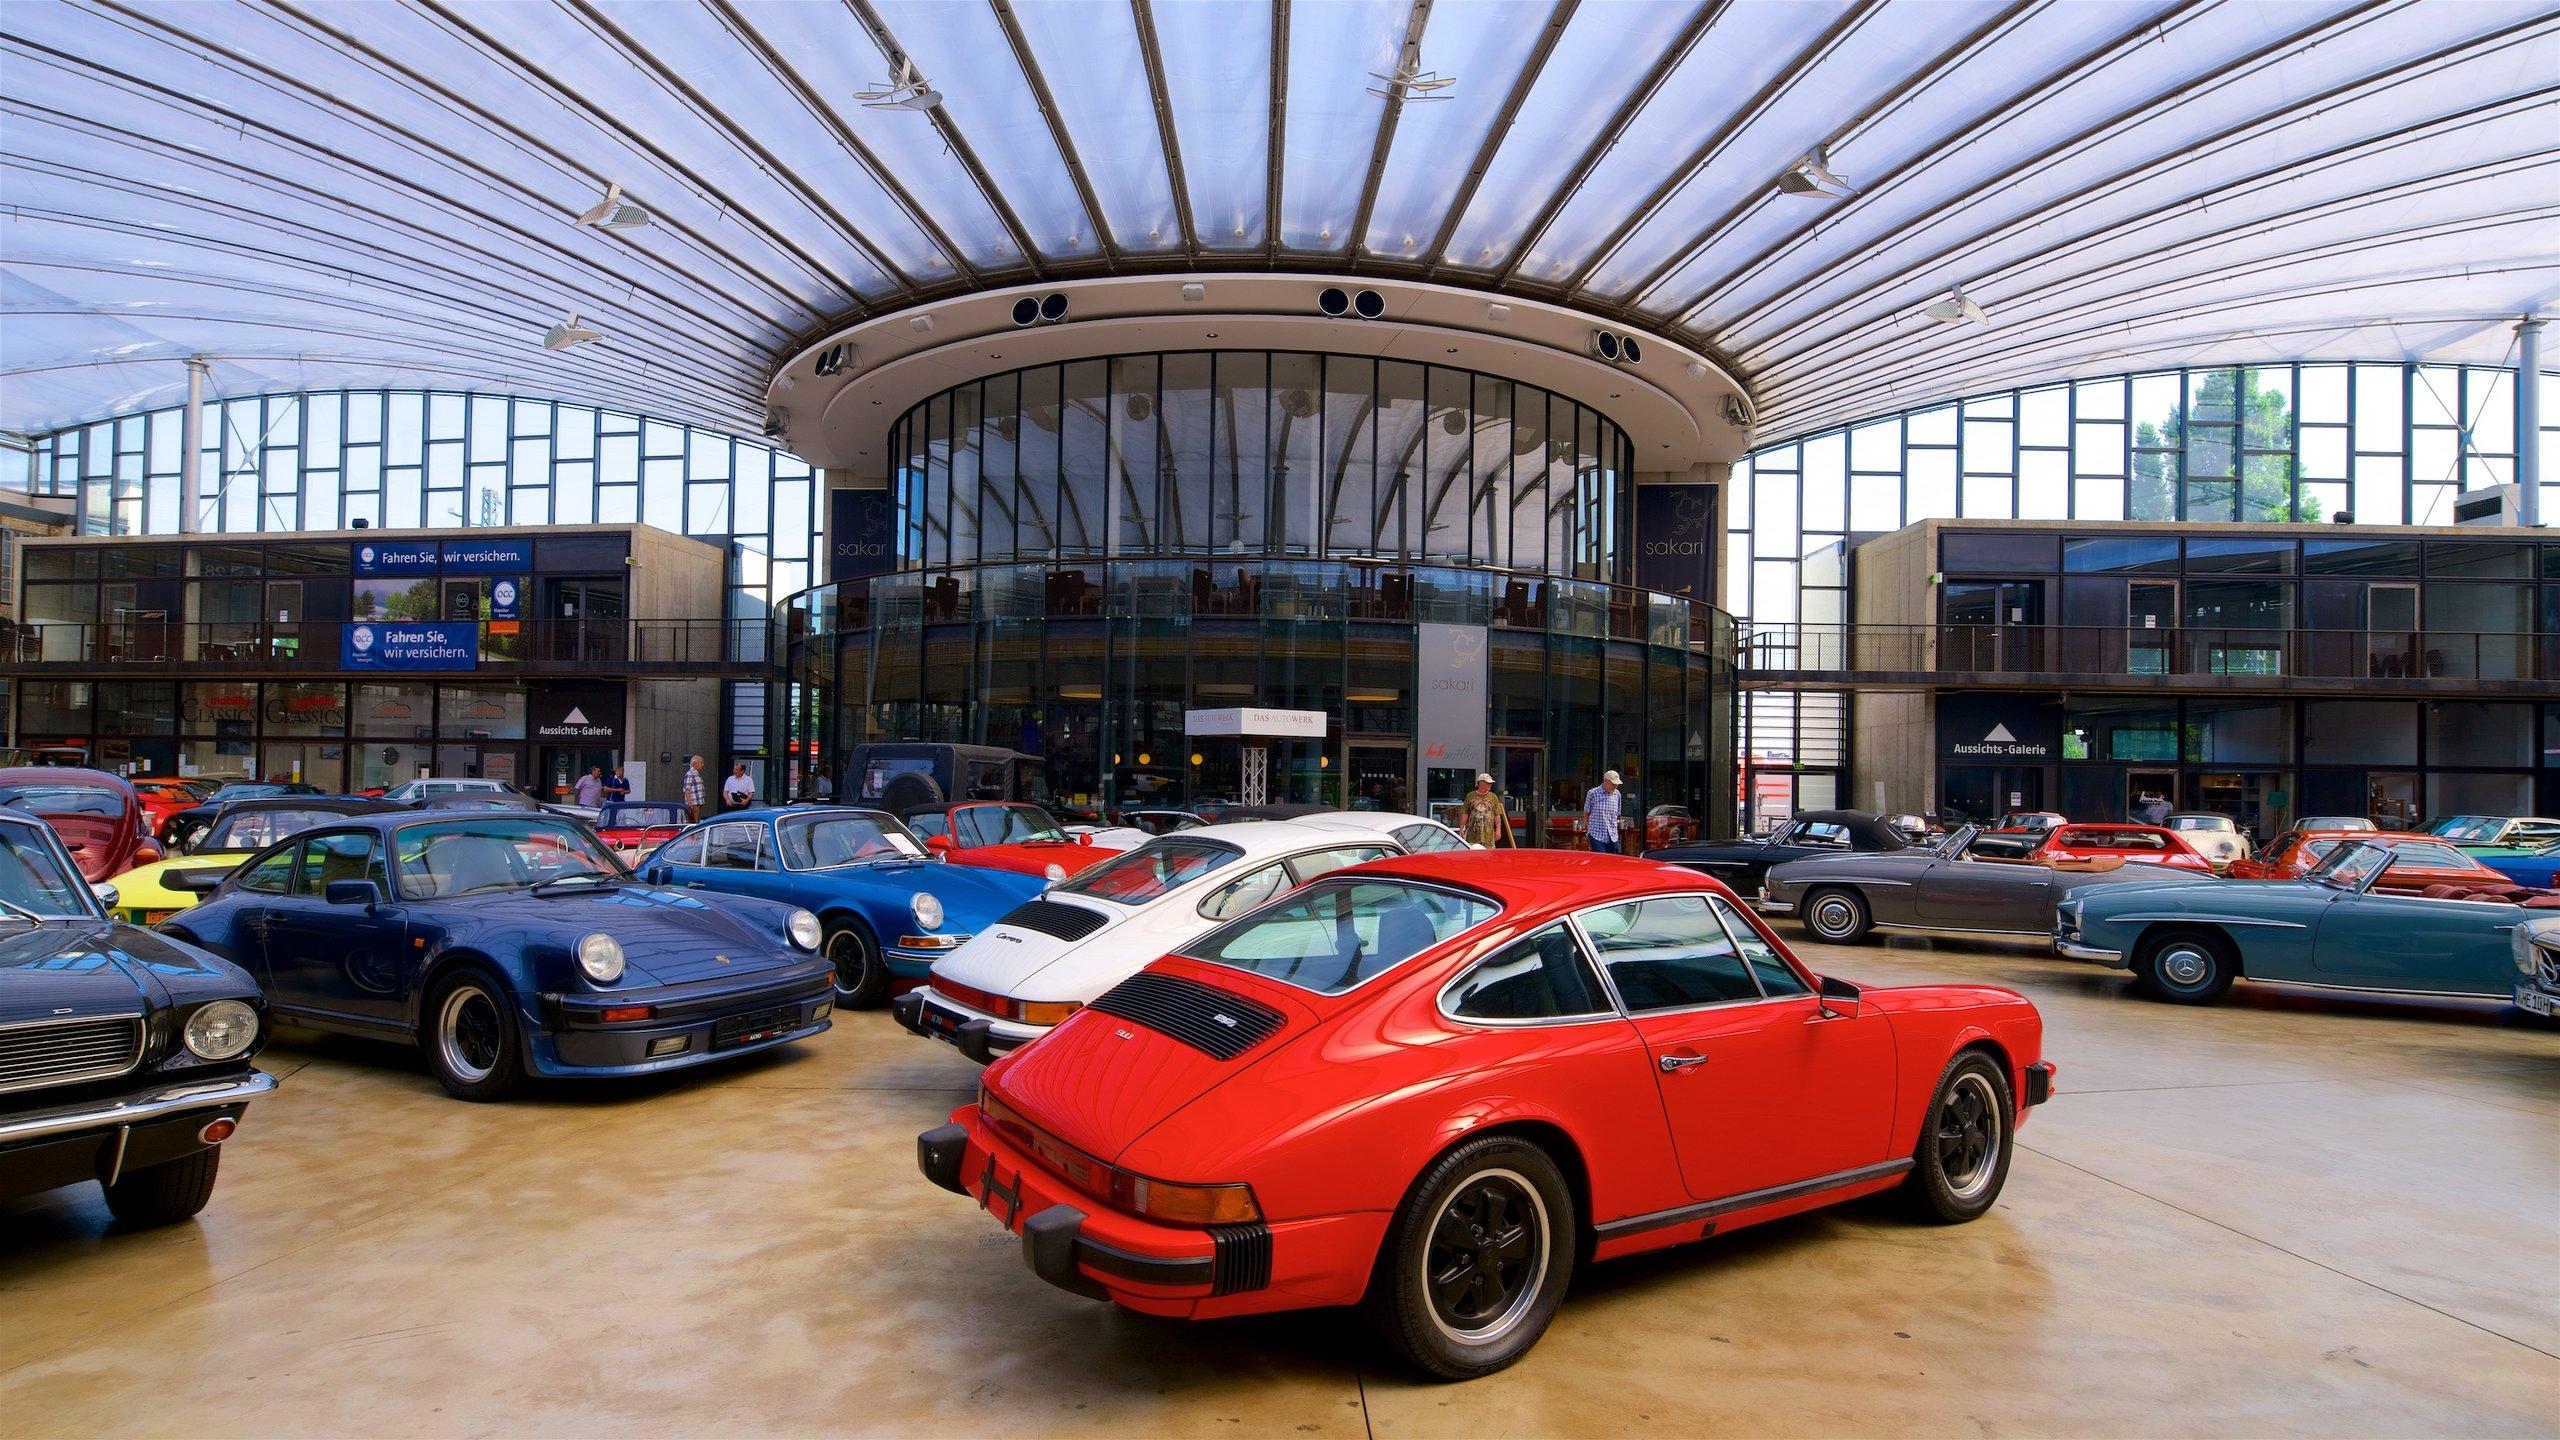 Les voitures anciennes les plus chics de la ville sont réunies dans cette rotonde exceptionnelle dotée de salles d'exposition et d'un « Biergarten » (une brasserie en plein air).